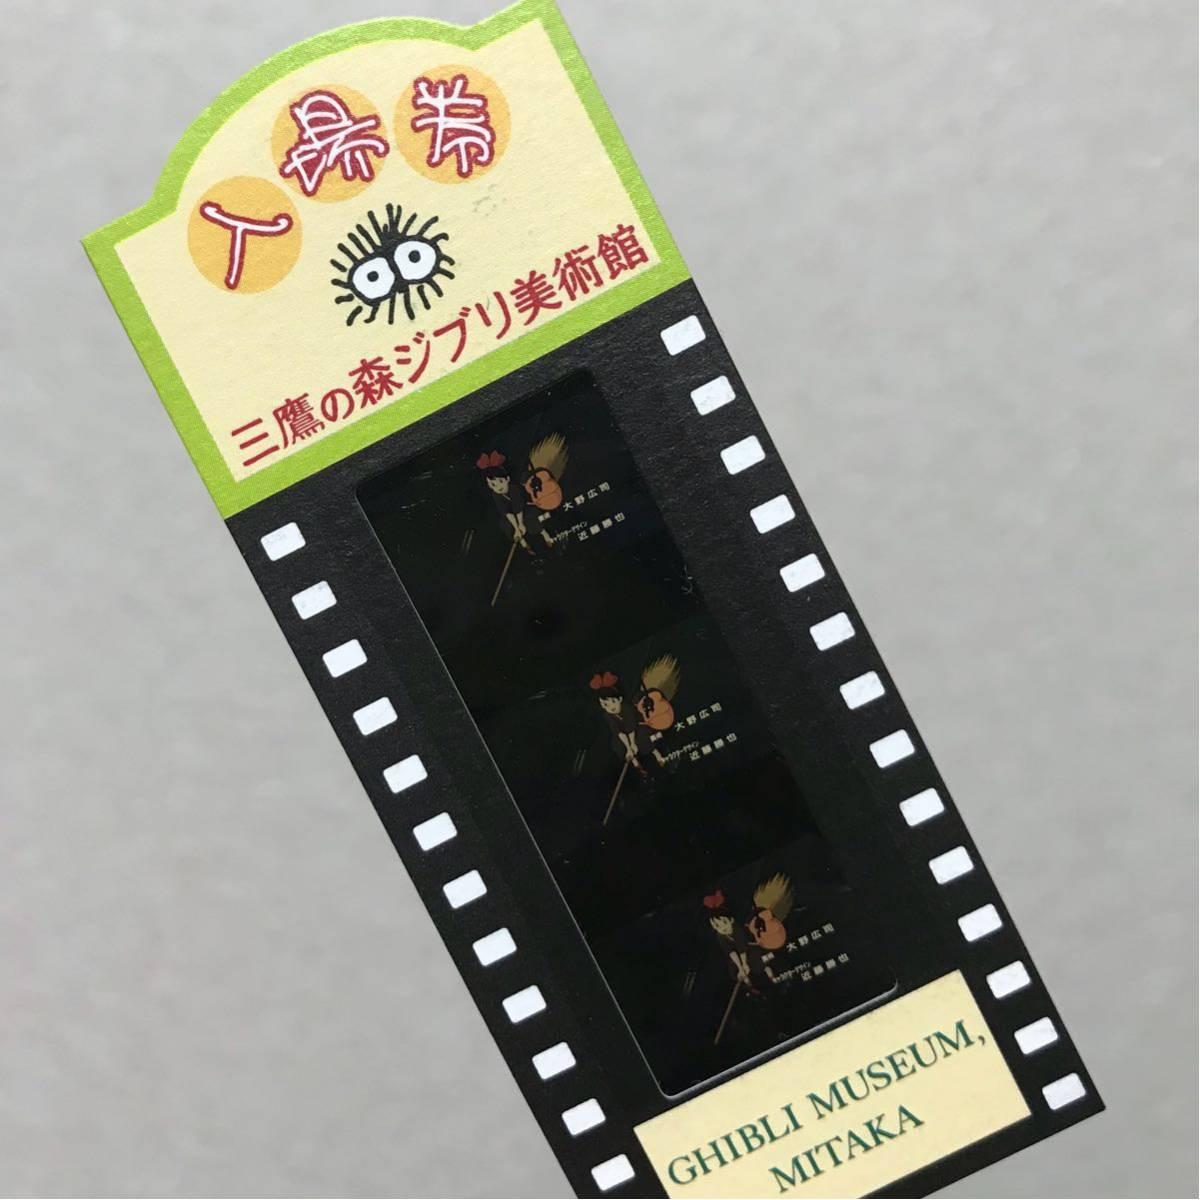 三鷹の森 ジブリ美術館 フィルム 入場券●魔女の宅急便 エンドロール